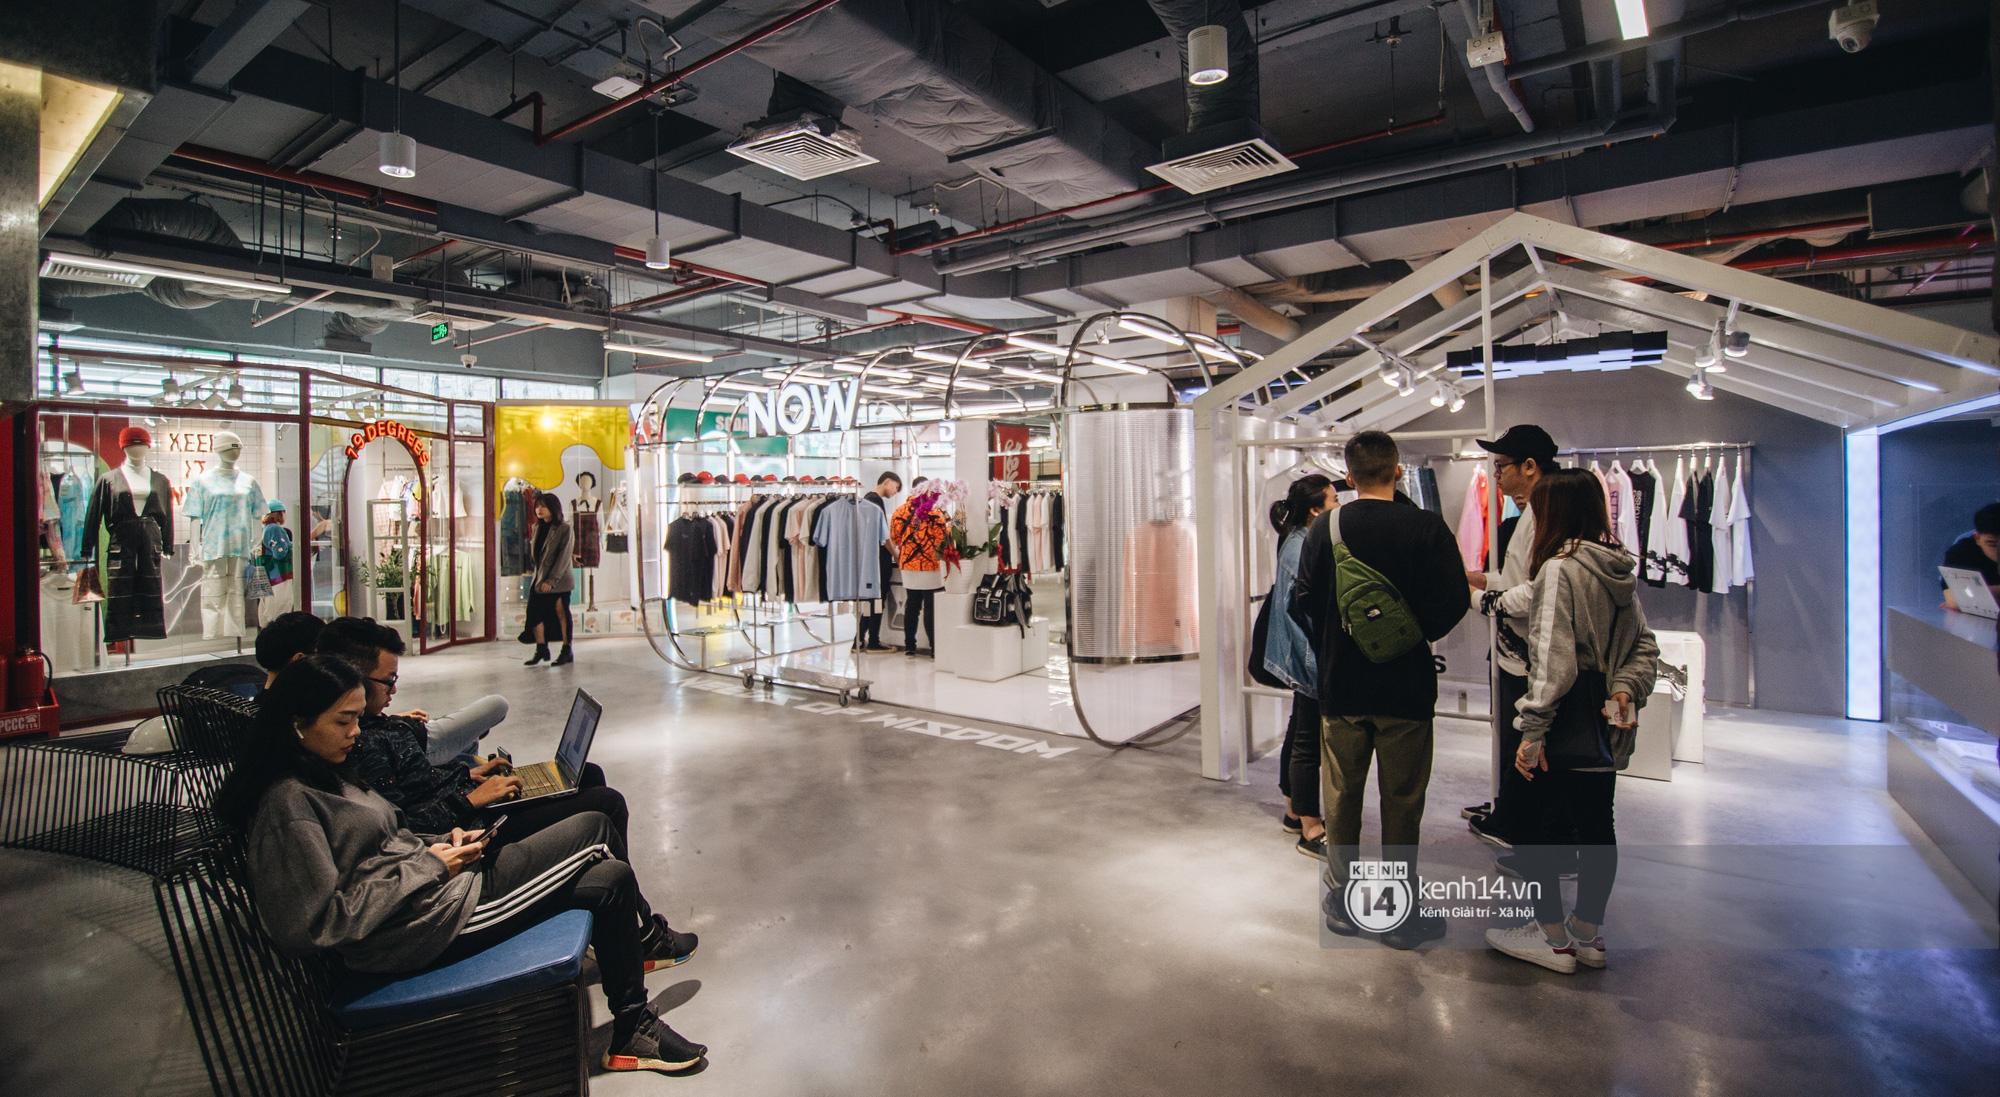 The New Playground: từ khu mua sắm dưới lòng đất ở Sài Gòn đến tổ hợp shopping trên cao cực trất dành cho giới trẻ Hà Nội - Ảnh 4.